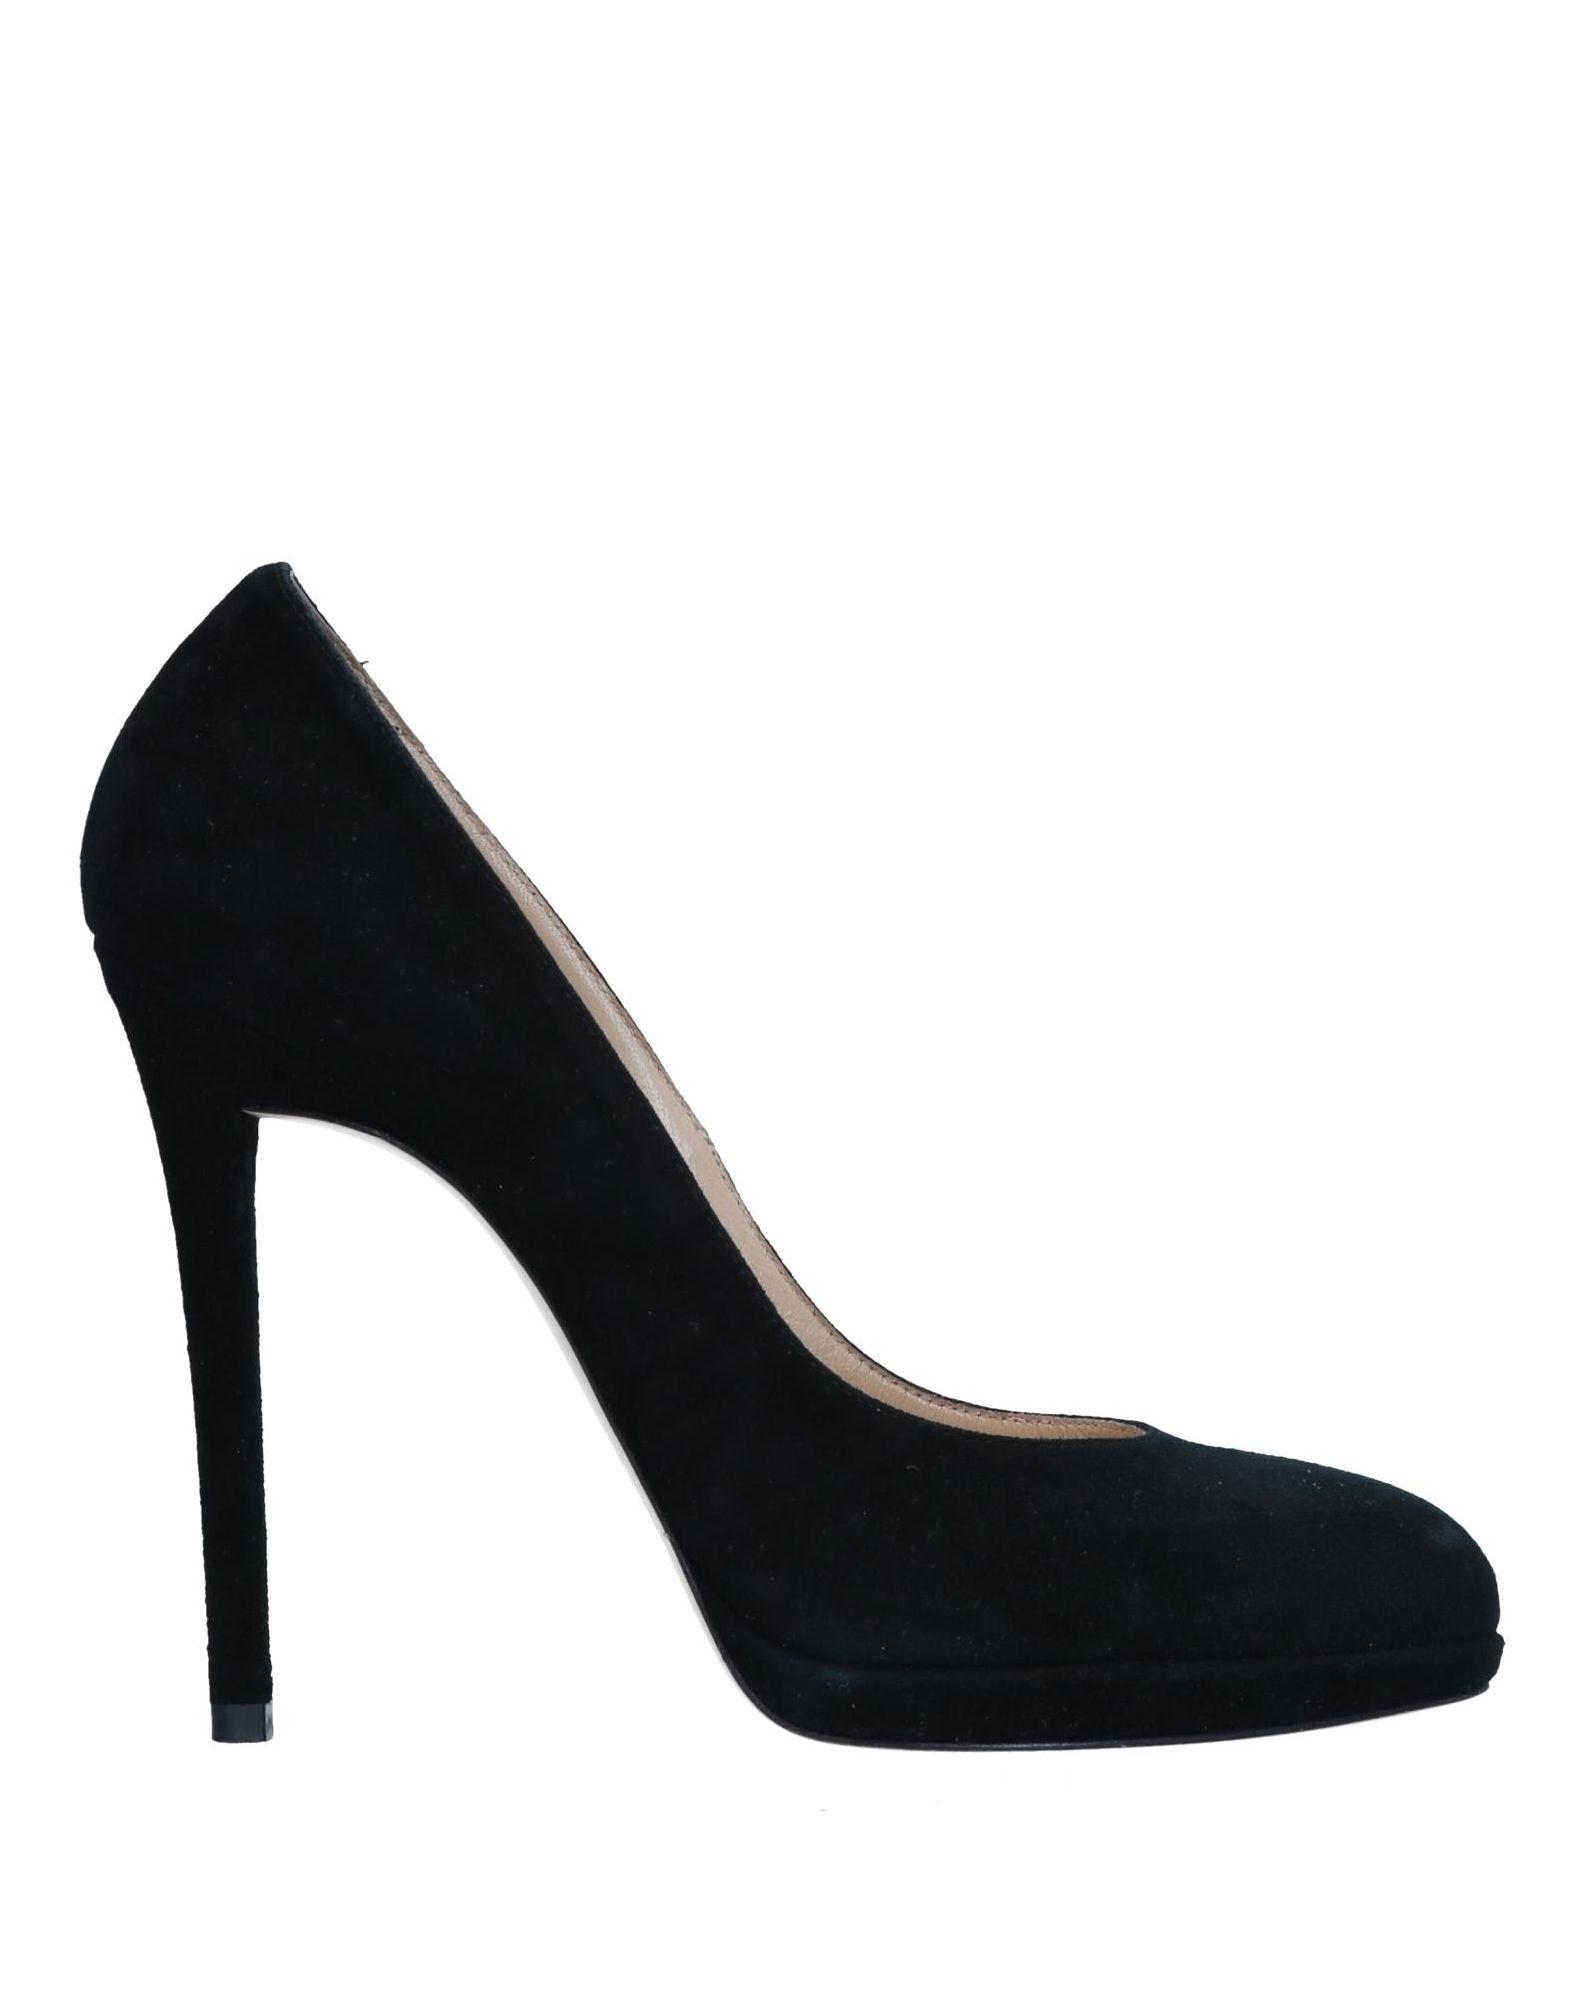 Sneakers Barcelon★★ Uomo - 11486622RF Scarpe economiche e buone